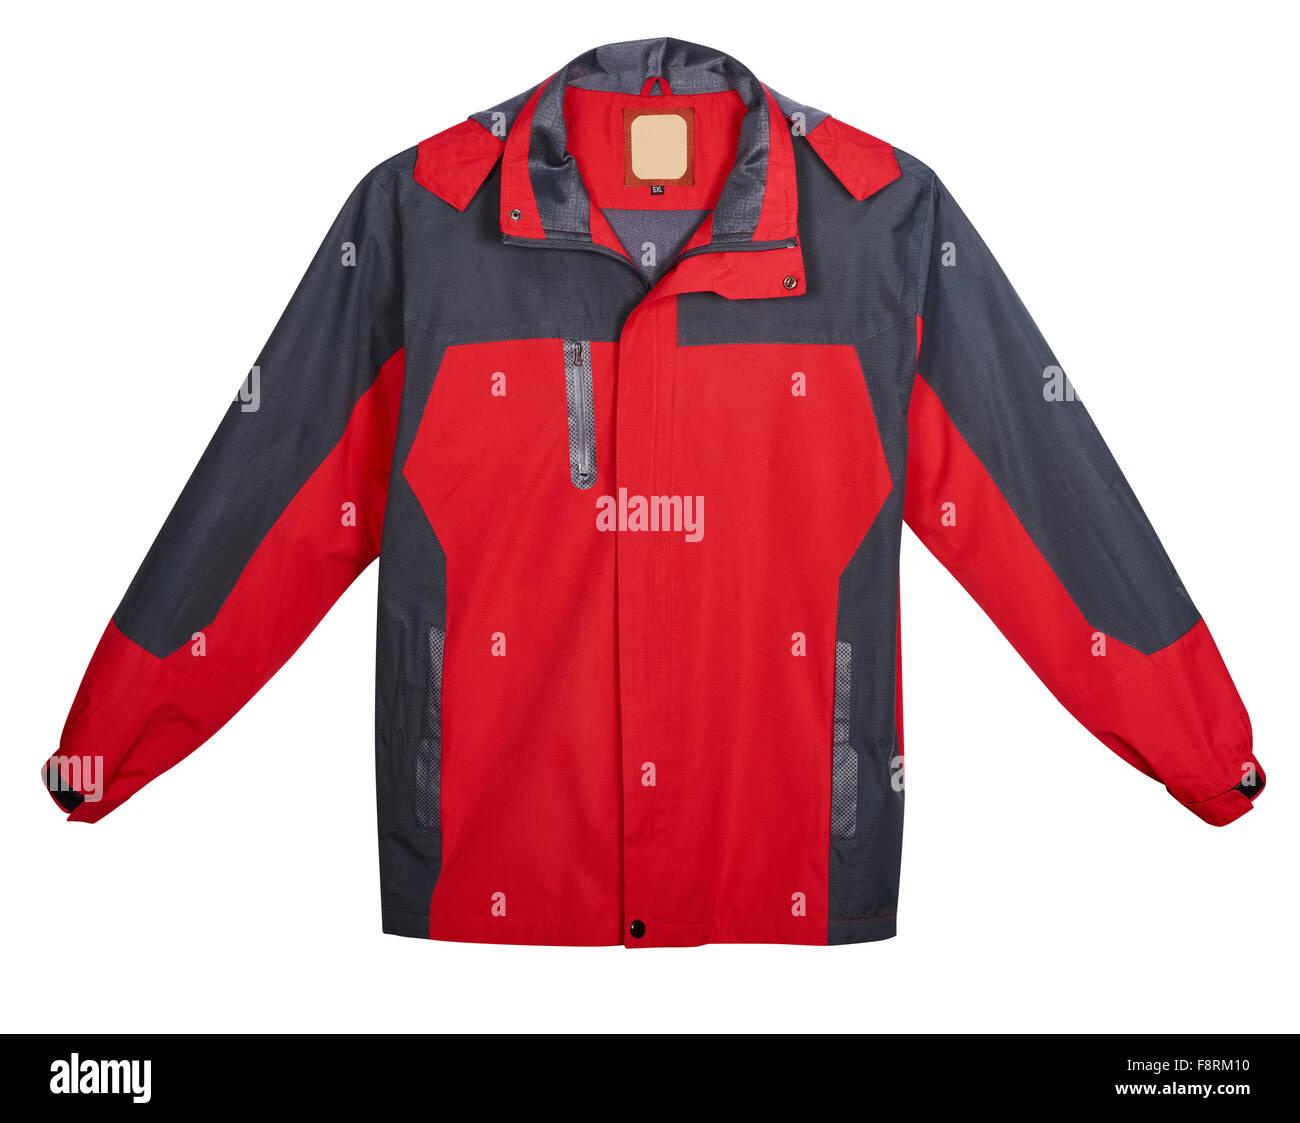 Rote Herren Jacke im Freien. Isoliert auf weißem Hintergrund Stockbild